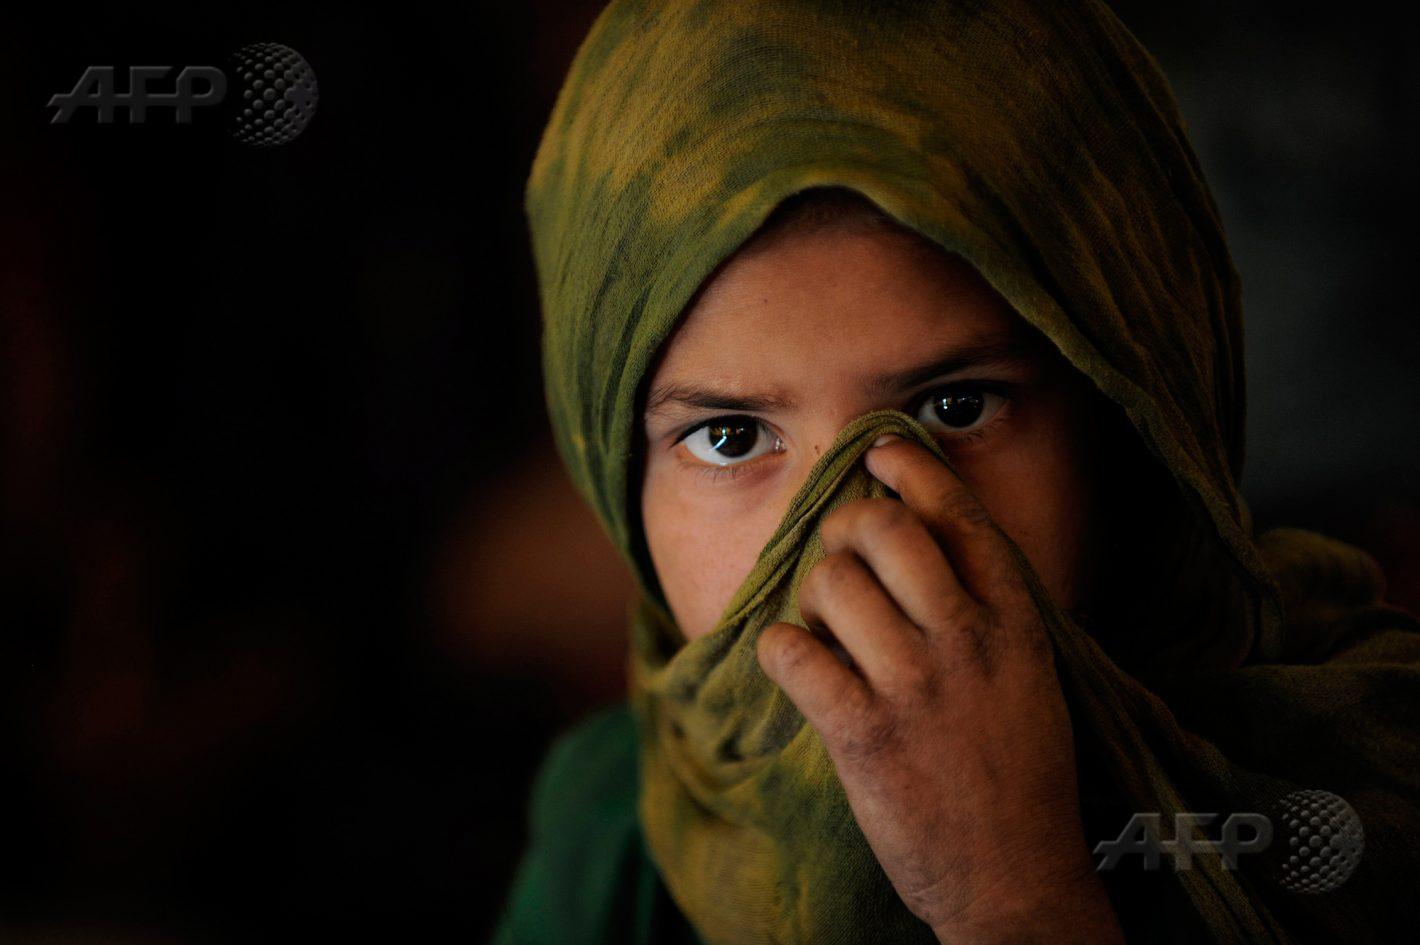 27 octobre 2010 – Kaboul - Une jeune fille de l'ethnie Kuchi se couvre le visage alors qu'elle assiste à un cours sous une tente devant les ruines du palais de Darulaman, détruit durant la guerre civile, en périphérie de la capitale. AFP PHOTO / SHAH MARAI